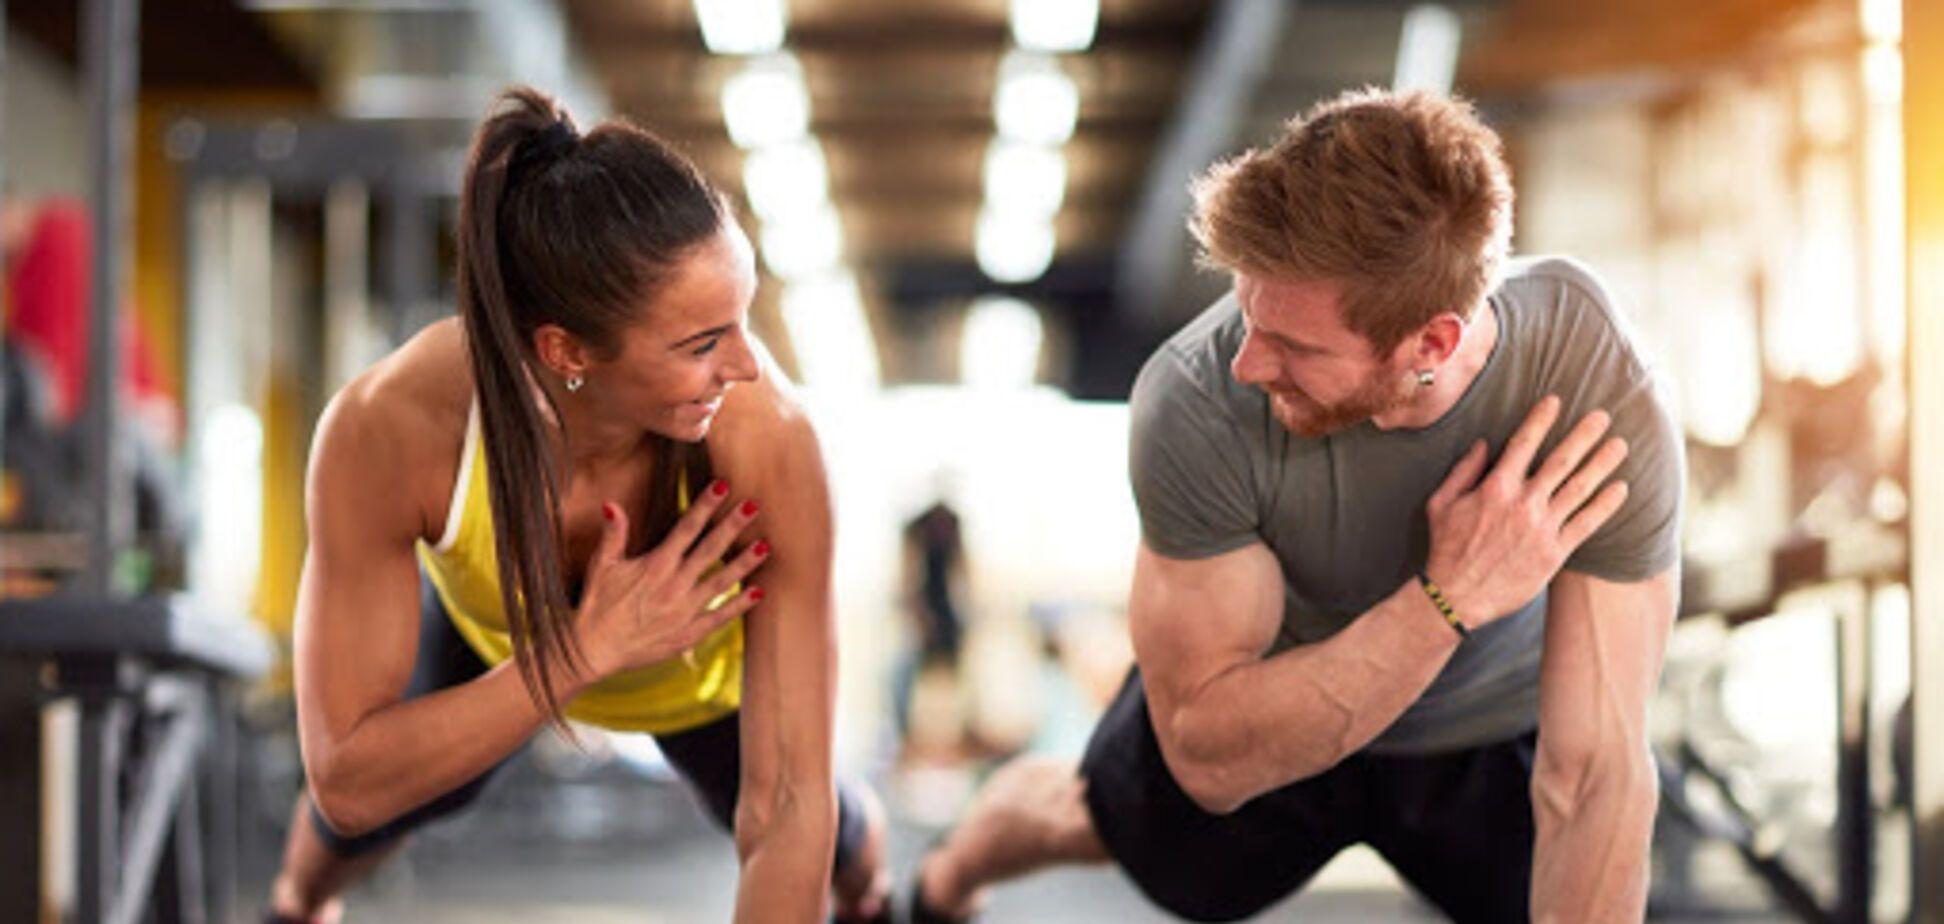 Диетолог рассказала о питании до и после тренировки